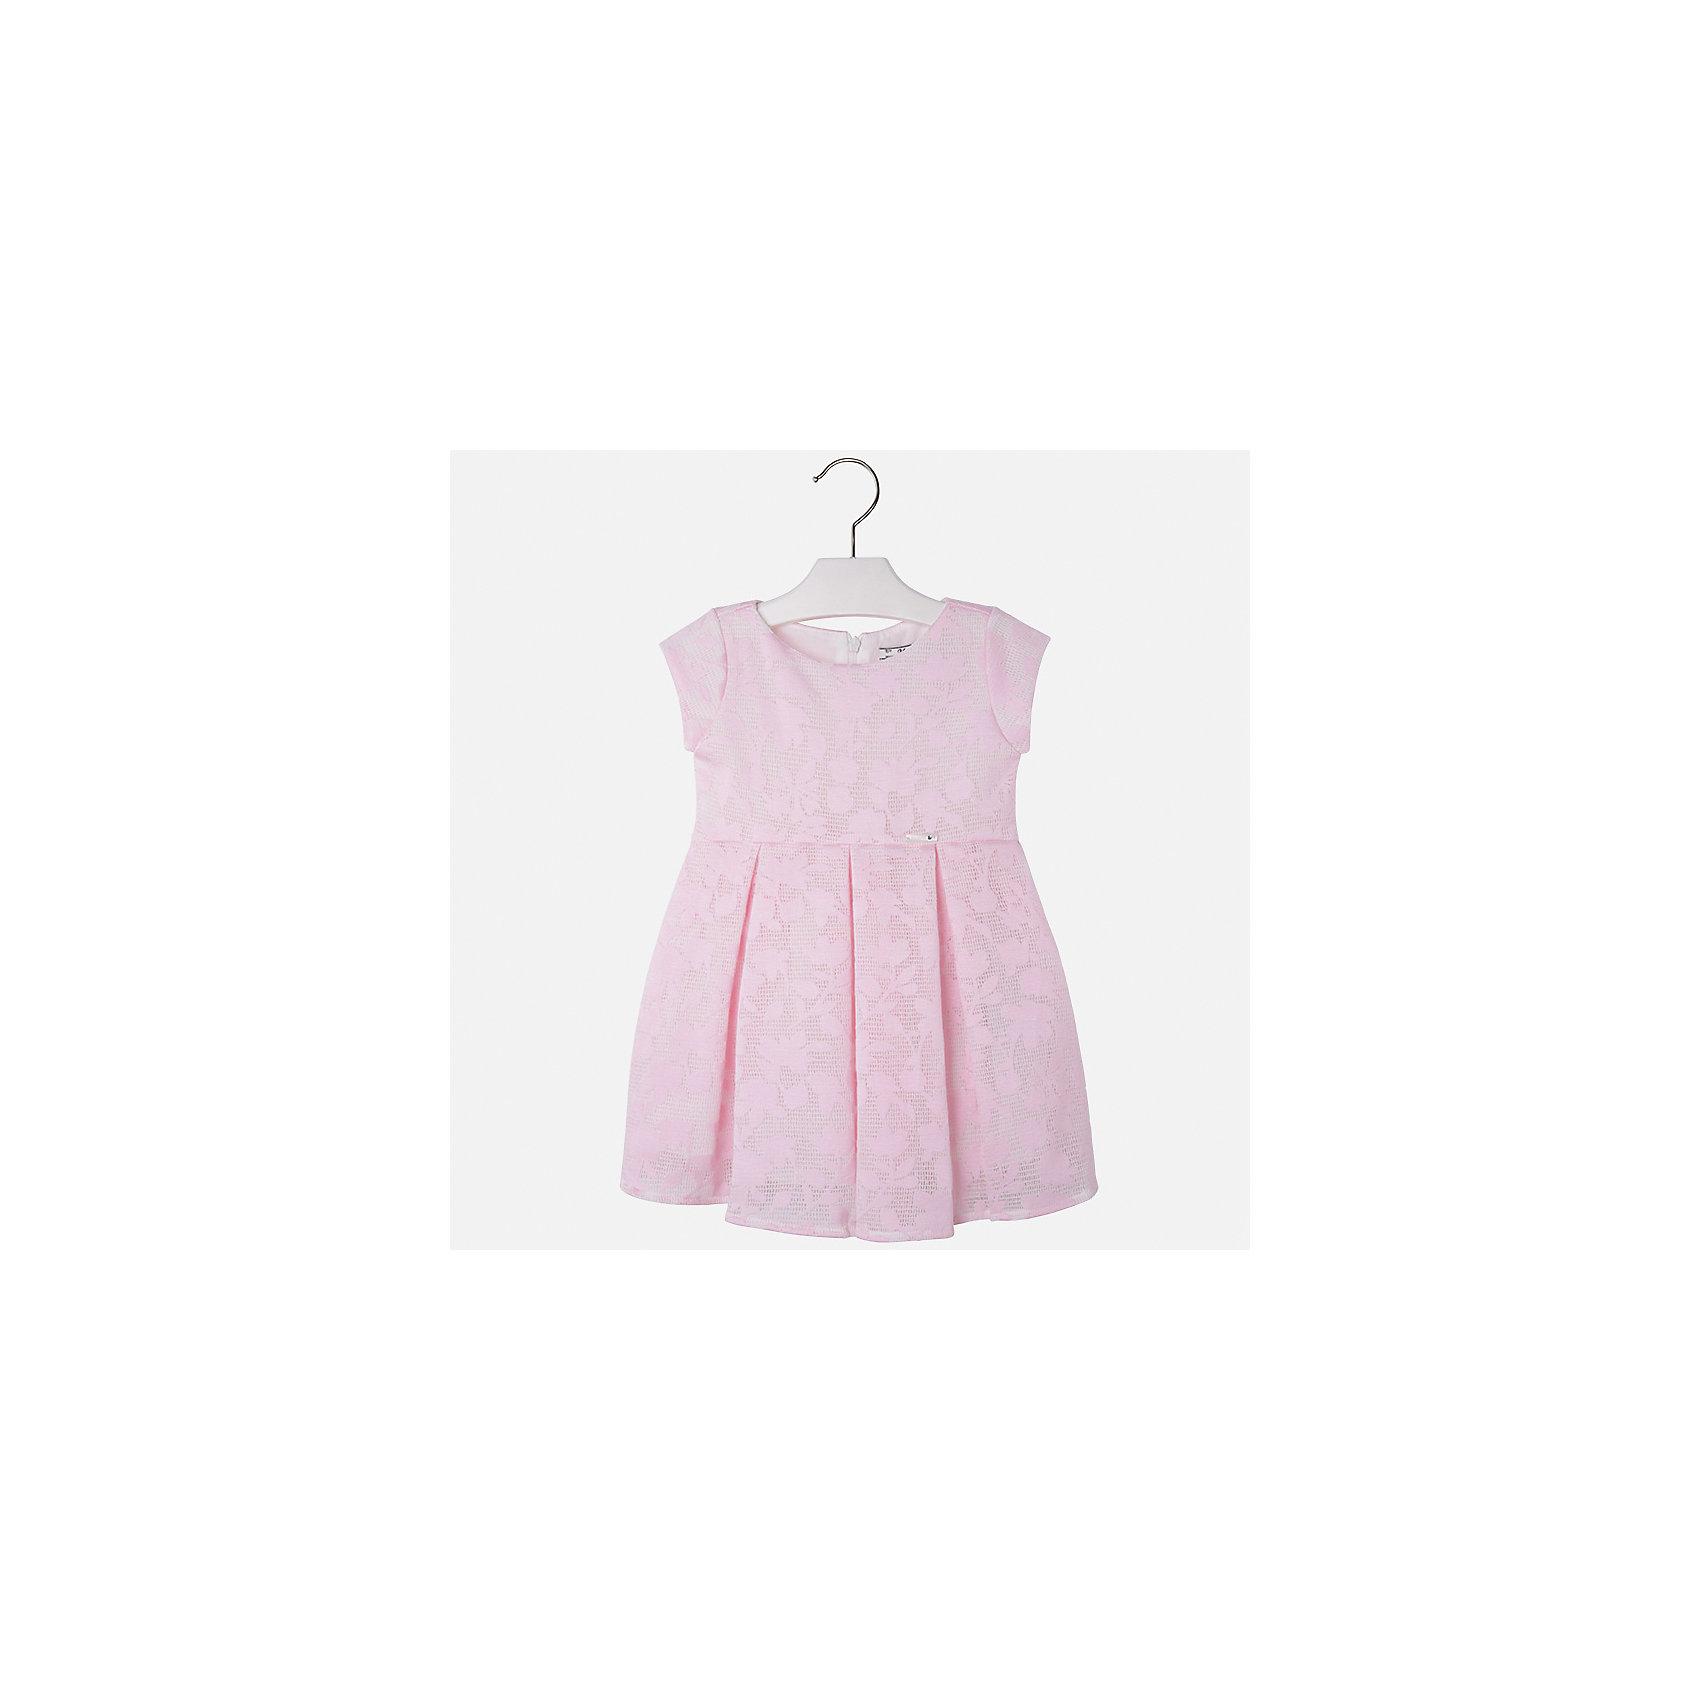 Платье для девочки MayoralОдежда<br>Характеристики товара:<br><br>• цвет: розовый<br>• состав: 64% полиэстер, 36% вискоза, подкладка - 80% полиэстер, 20% хлопок<br>• застежка: молния<br>• легкий материал<br>• набивной рисунок<br>• короткие рукава<br>• с подкладкой<br>• страна бренда: Испания<br><br>Красивое легкое платье для девочки поможет разнообразить гардероб ребенка и создать эффектный наряд. Оно подойдет и для торжественных случаев, может быть и как ежедневный наряд. Красивый оттенок позволяет подобрать к вещи обувь разных расцветок. В составе материала подкладки - натуральный хлопок, гипоаллергенный, приятный на ощупь, дышащий. Платье хорошо сидит по фигуре.<br><br>Одежда, обувь и аксессуары от испанского бренда Mayoral полюбились детям и взрослым по всему миру. Модели этой марки - стильные и удобные. Для их производства используются только безопасные, качественные материалы и фурнитура. Порадуйте ребенка модными и красивыми вещами от Mayoral! <br><br>Платье для девочки от испанского бренда Mayoral (Майорал) можно купить в нашем интернет-магазине.<br><br>Ширина мм: 236<br>Глубина мм: 16<br>Высота мм: 184<br>Вес г: 177<br>Цвет: розовый<br>Возраст от месяцев: 96<br>Возраст до месяцев: 108<br>Пол: Женский<br>Возраст: Детский<br>Размер: 98,104,110,116,122,128,134<br>SKU: 5290991